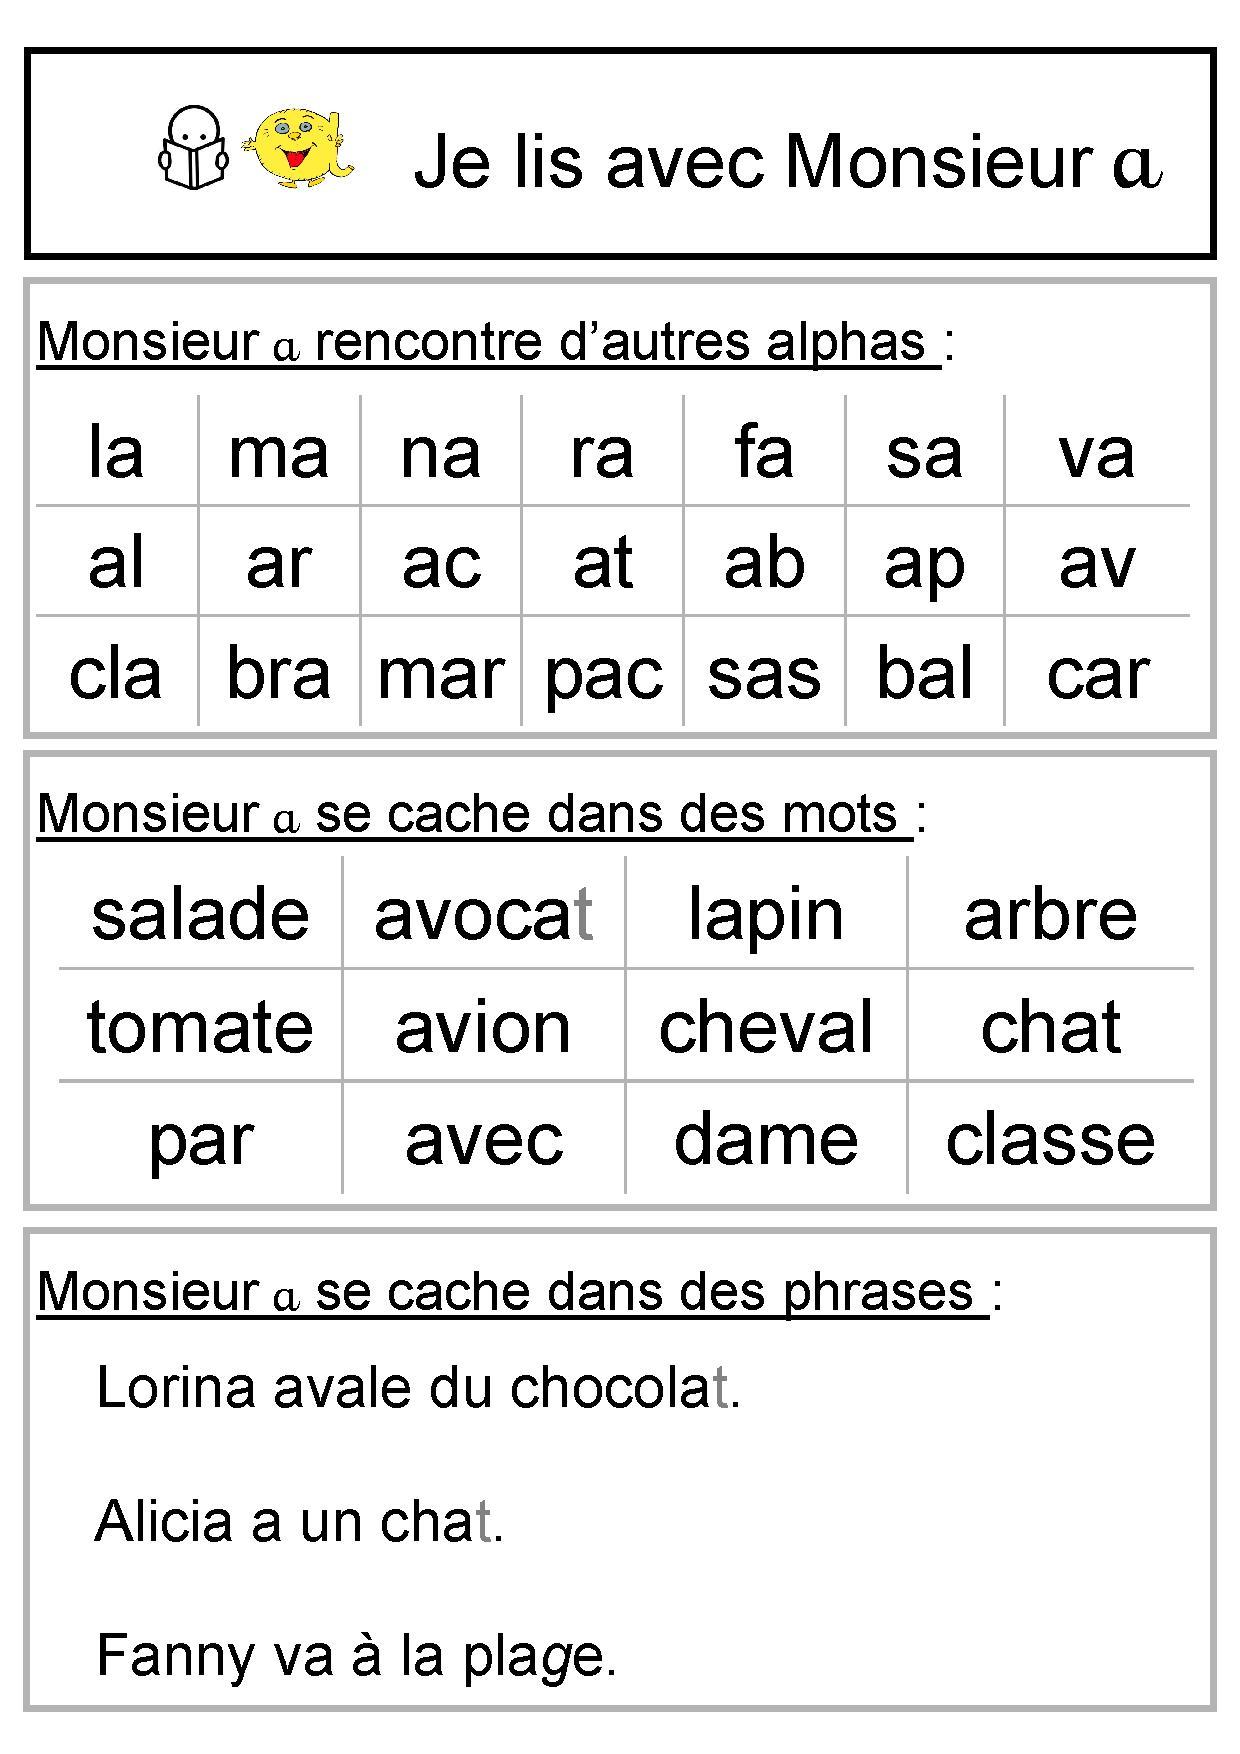 Populaire Le lutin de sons : le son [a] - Dame Dubois RS72